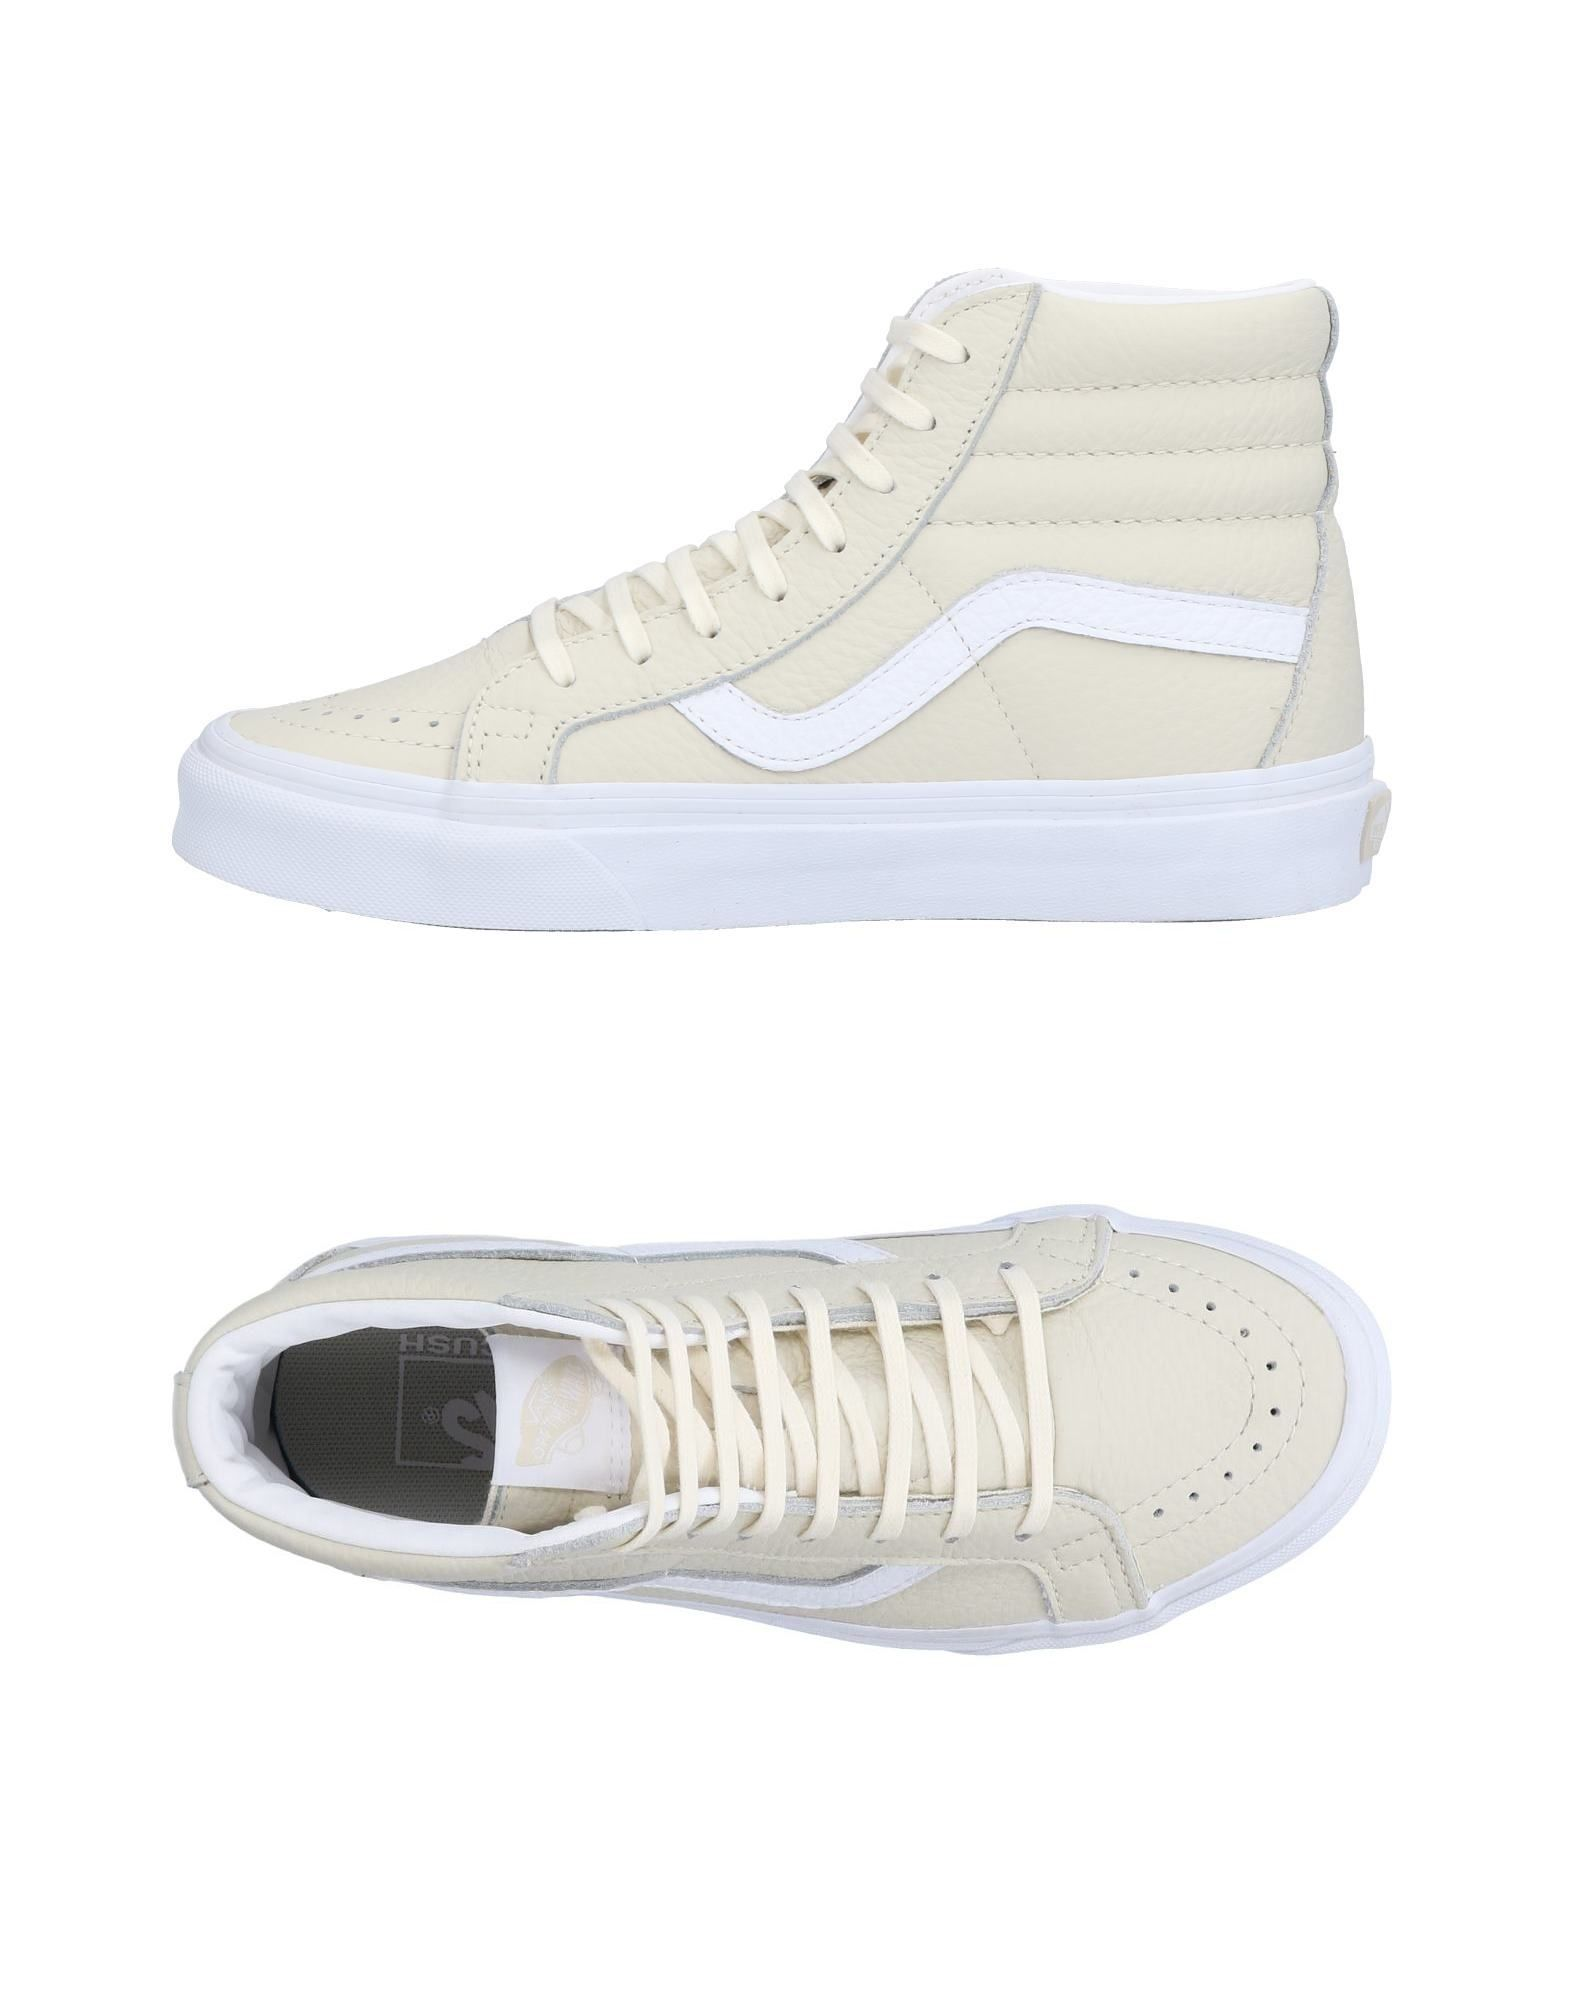 Vans Sneakers Damen  beliebte 11495924GT Gute Qualität beliebte  Schuhe f08990